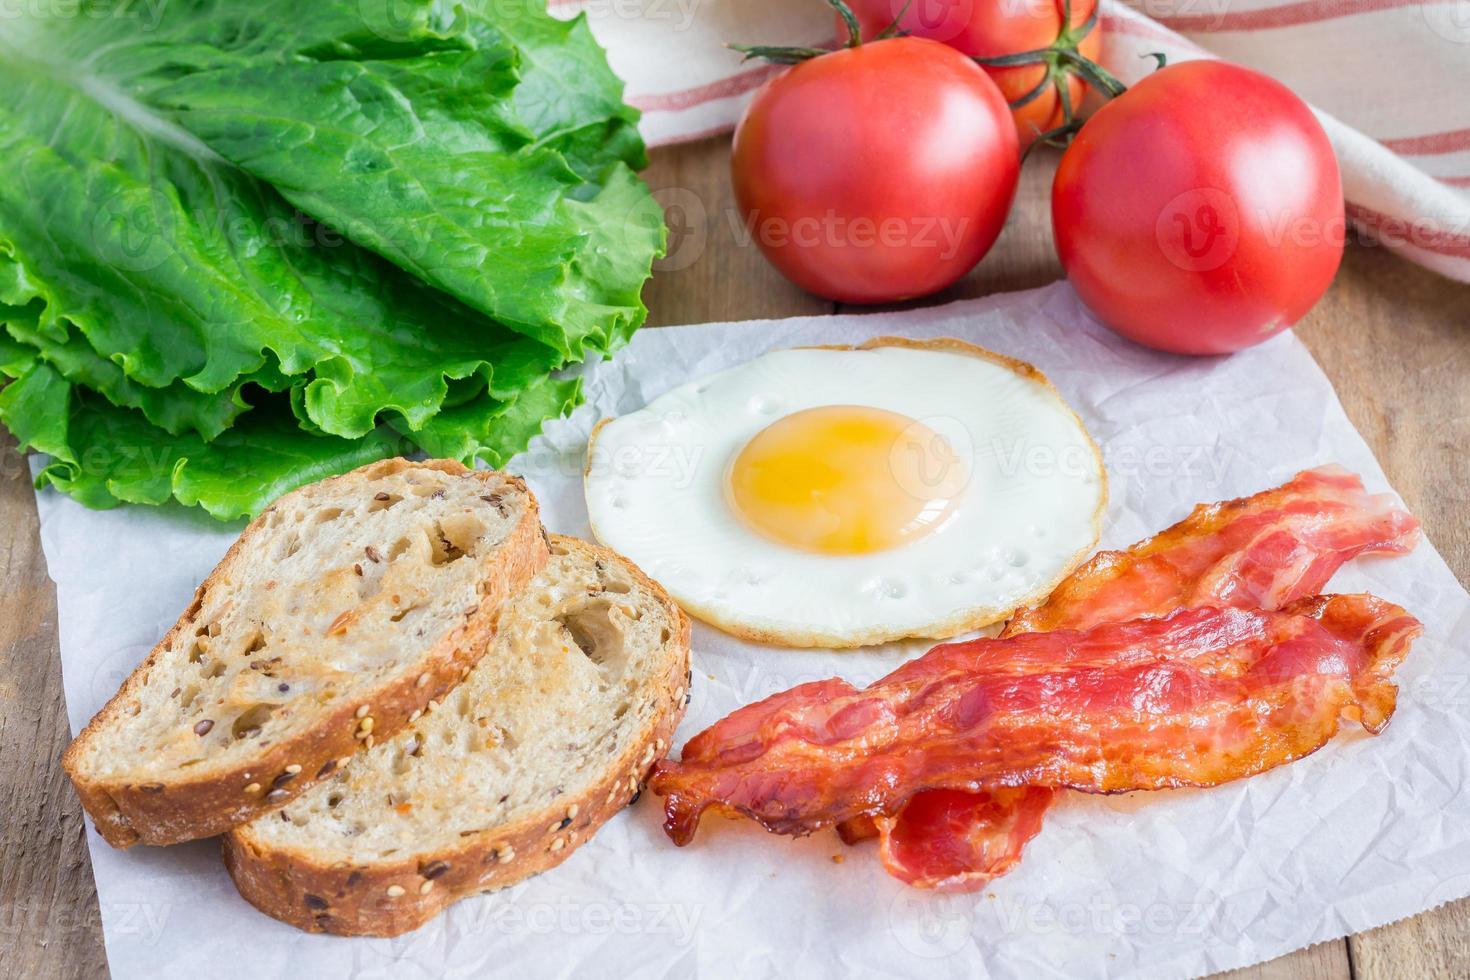 hacer bocadillo abierto con huevo, tocino, tomate y lechuga foto